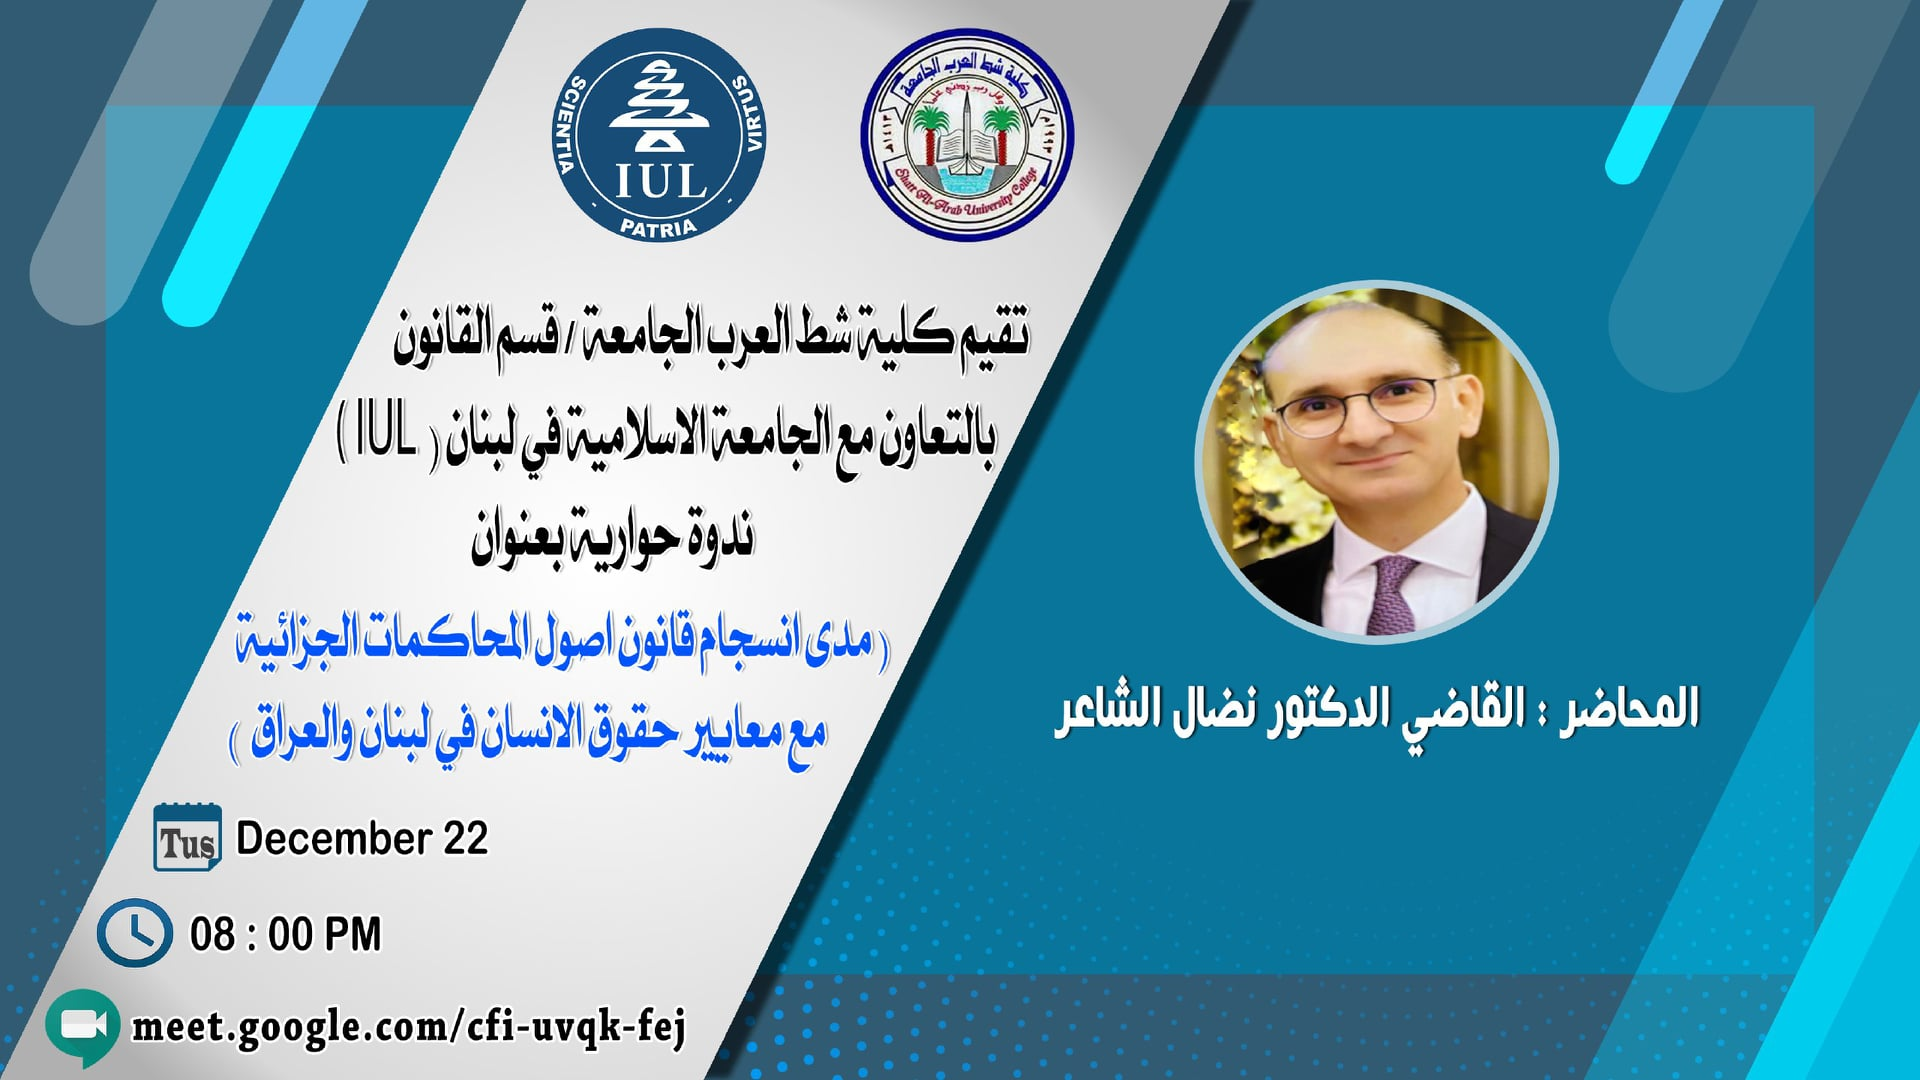 مدى انسجام قانون اصول المحاكمات الجزائية مع معايير حقوق الانسان في لبنان والعراق